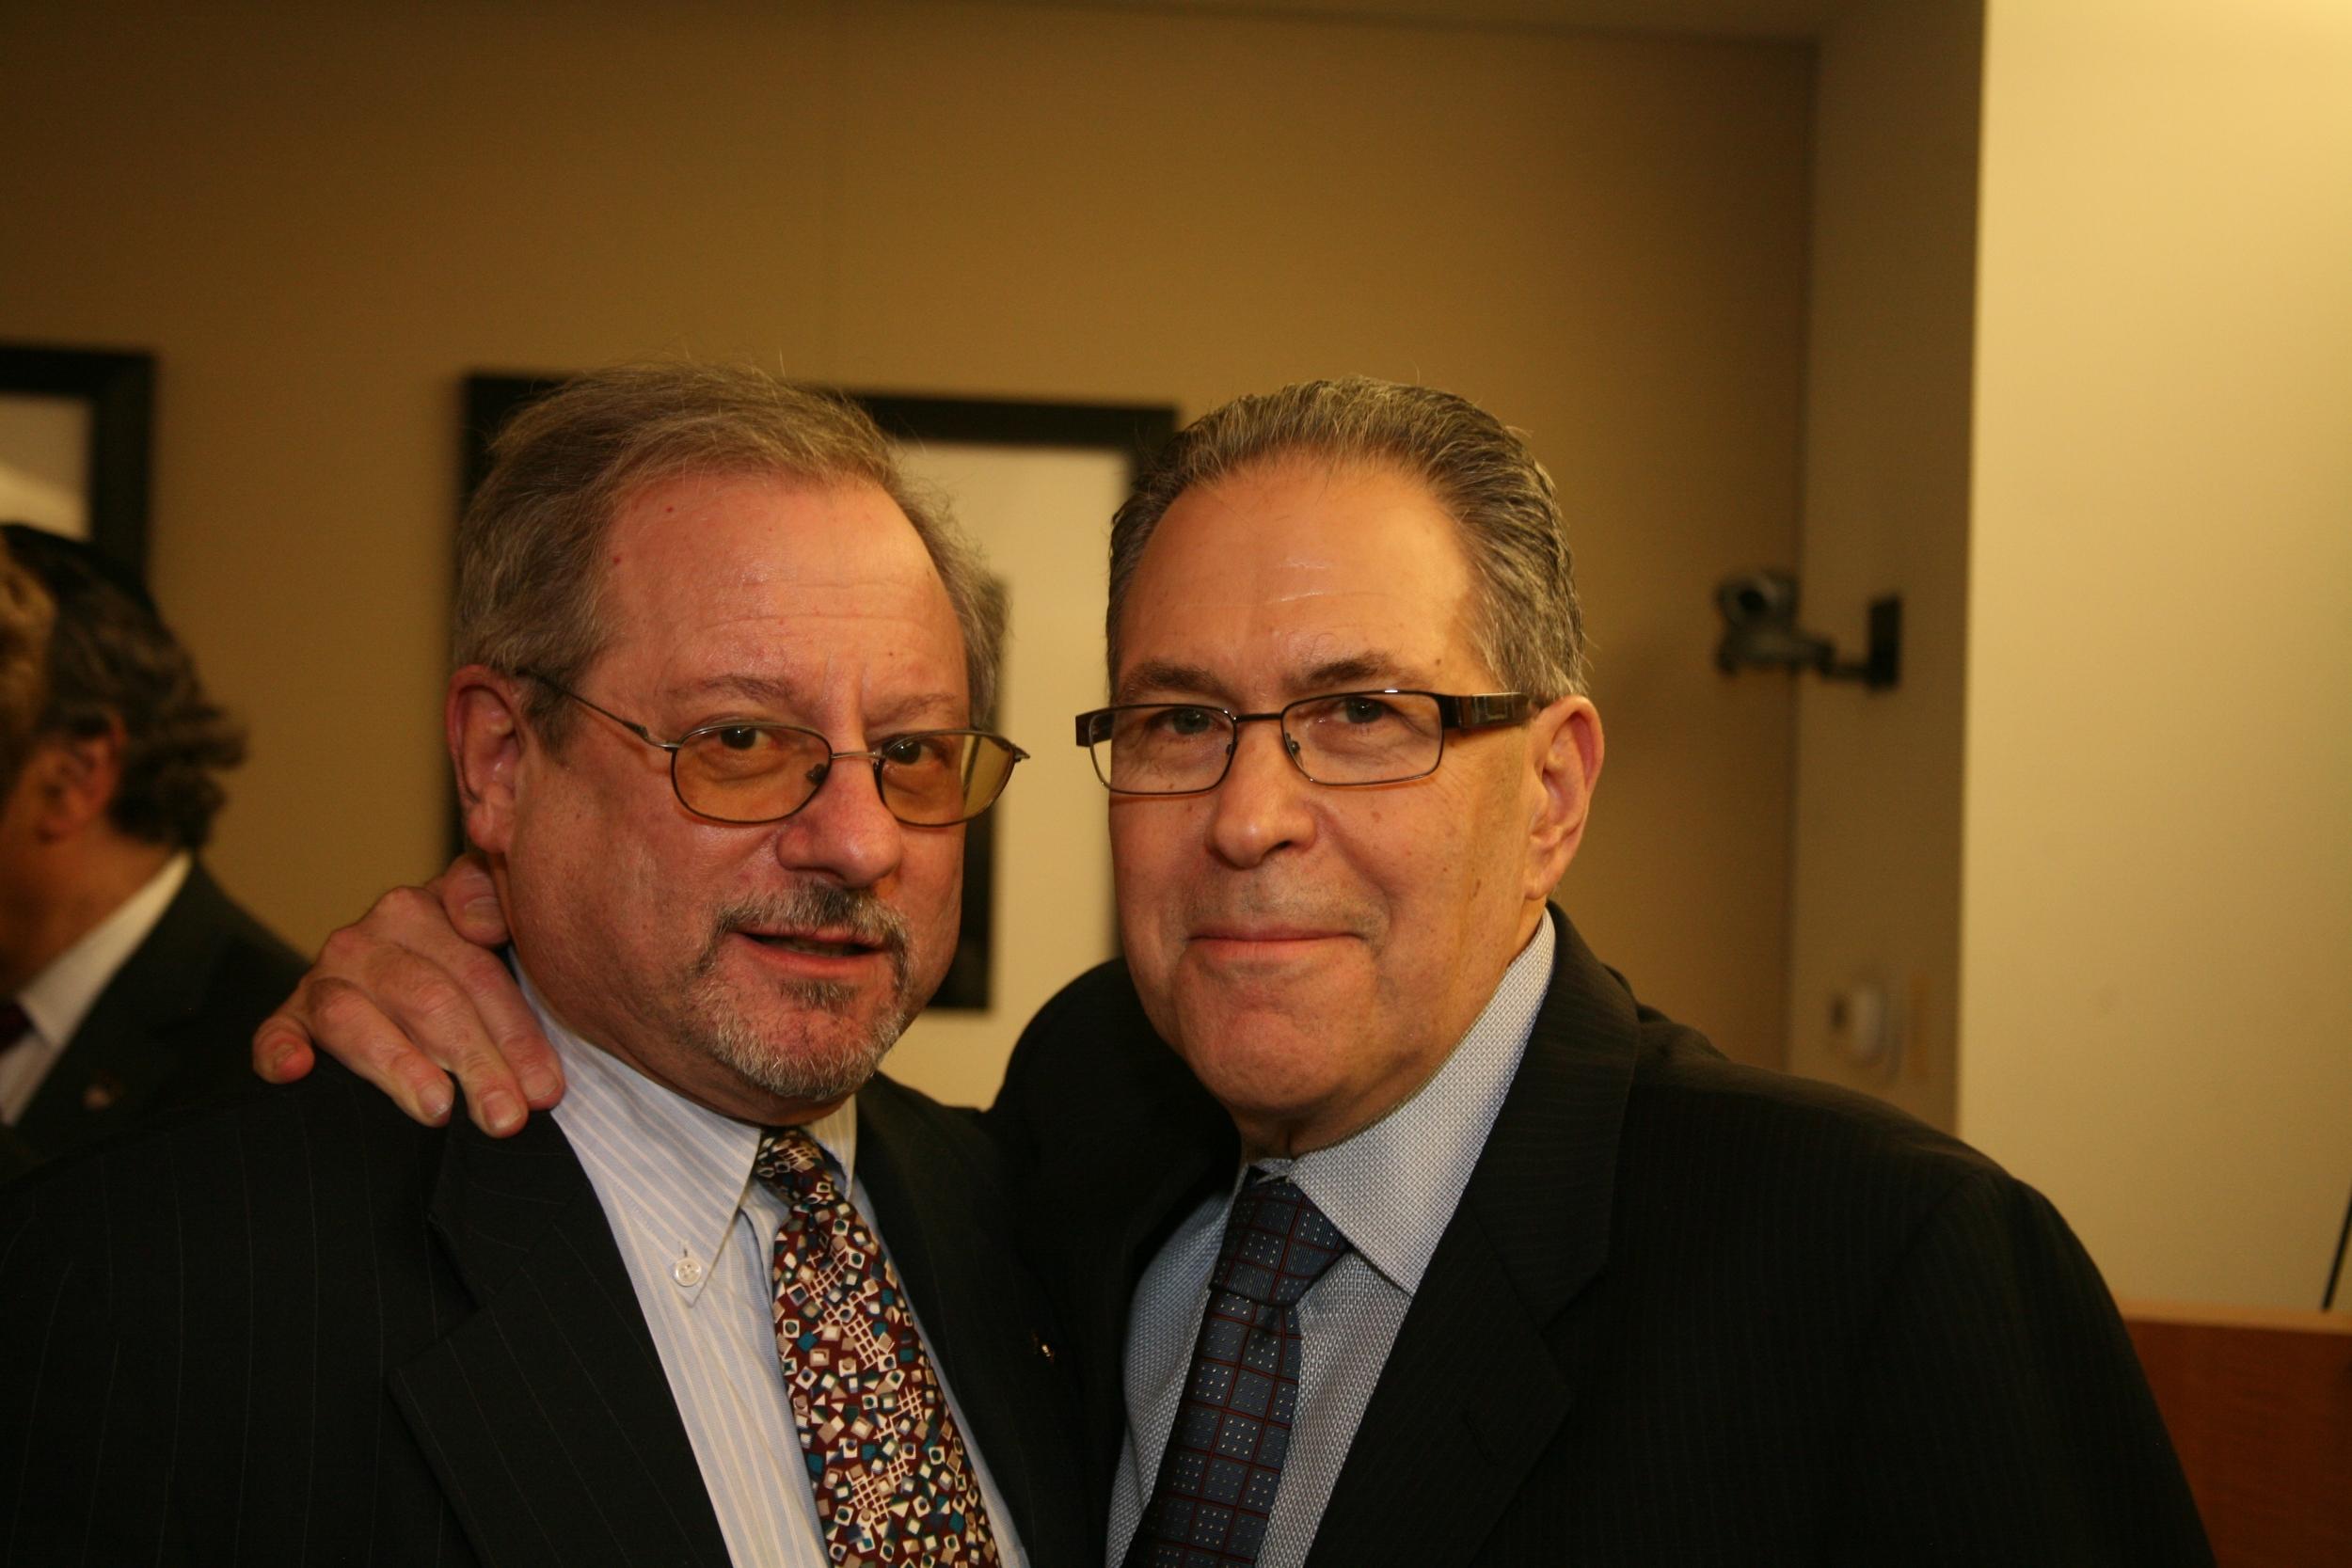 bond, mike wengroff & me.JPG